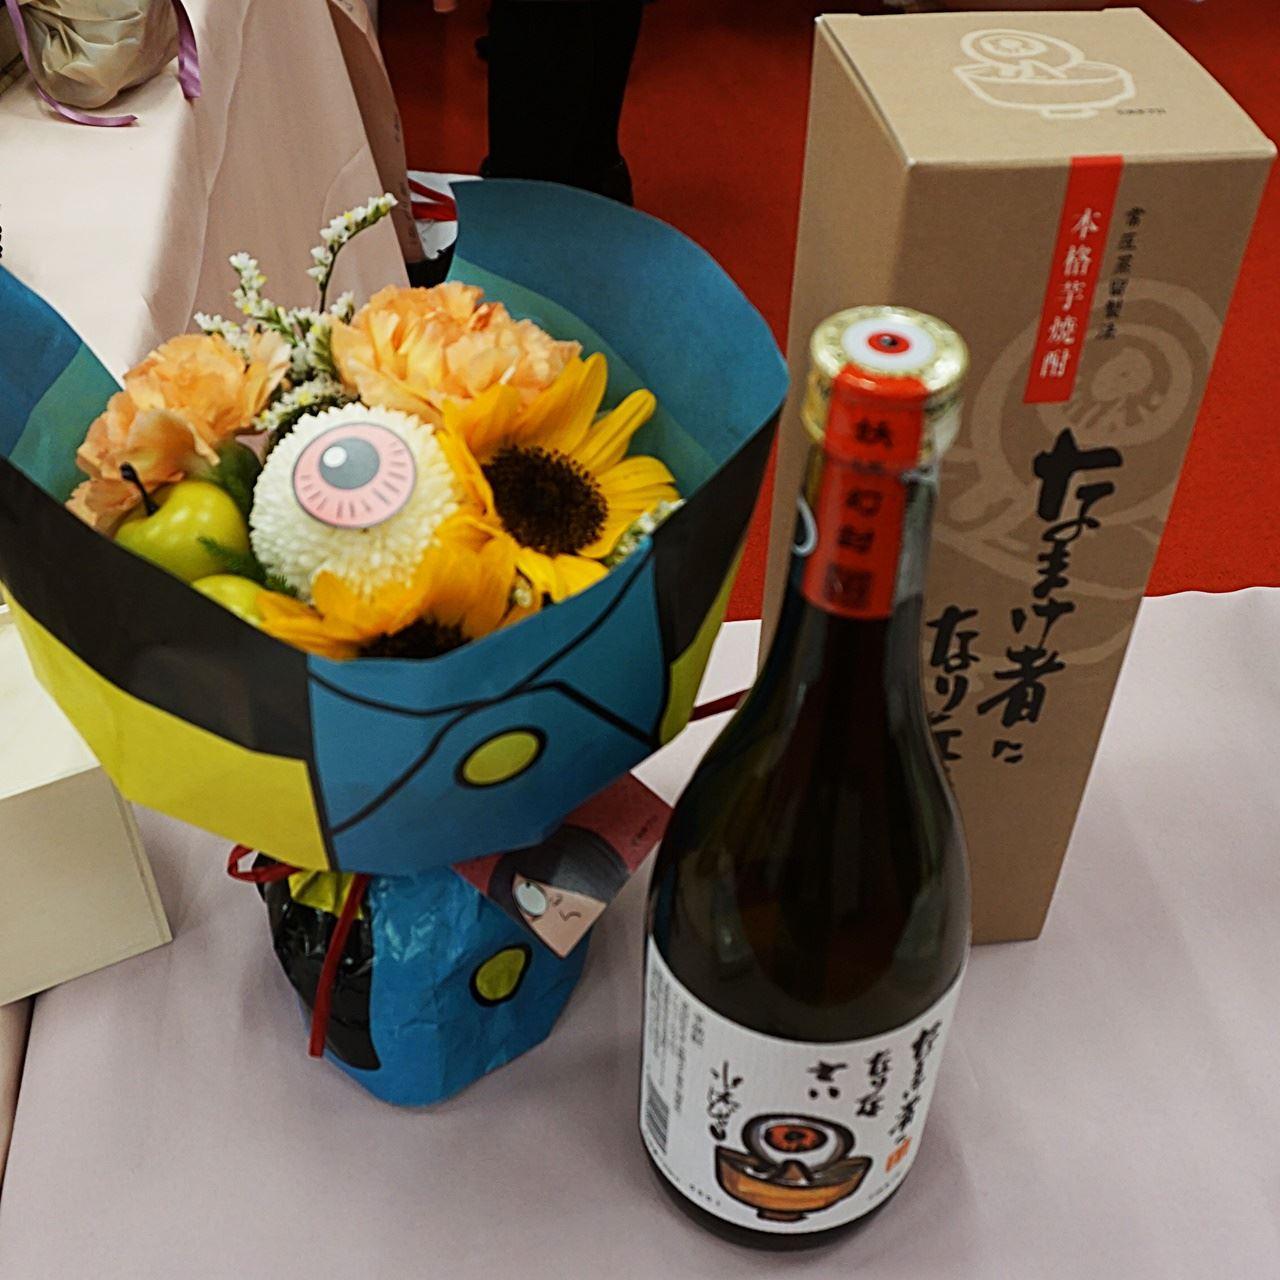 【日比谷花壇】父の日 稲田本店芋焼酎「なまけ者になりなさい」とゲゲゲのお花そのまま飾れるブーケのセット